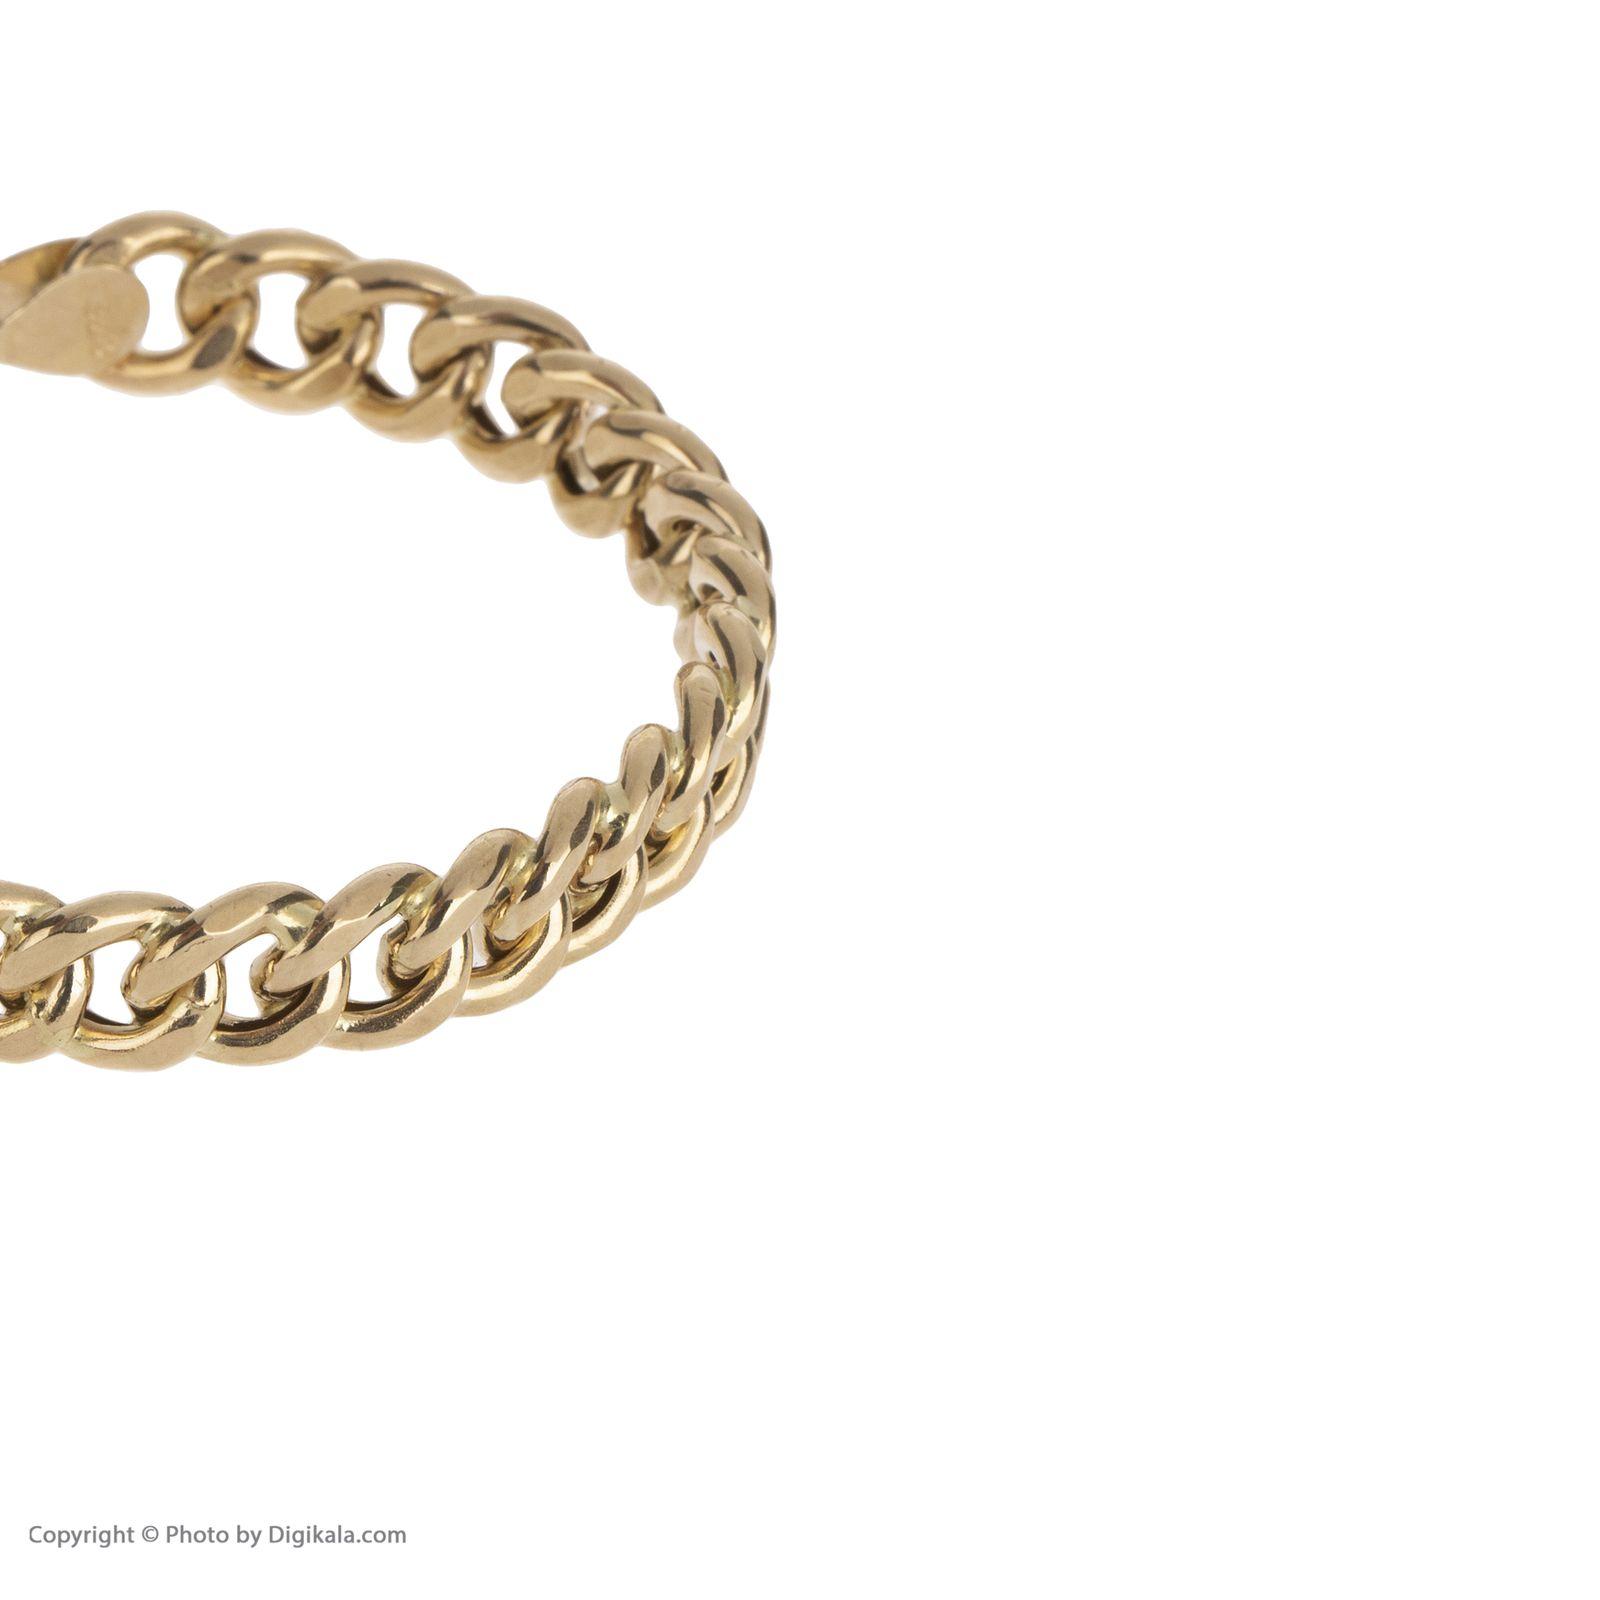 دستبند النگویی طلا 18 عیار زنانه مایا ماهک مدل MB1049 -  - 4